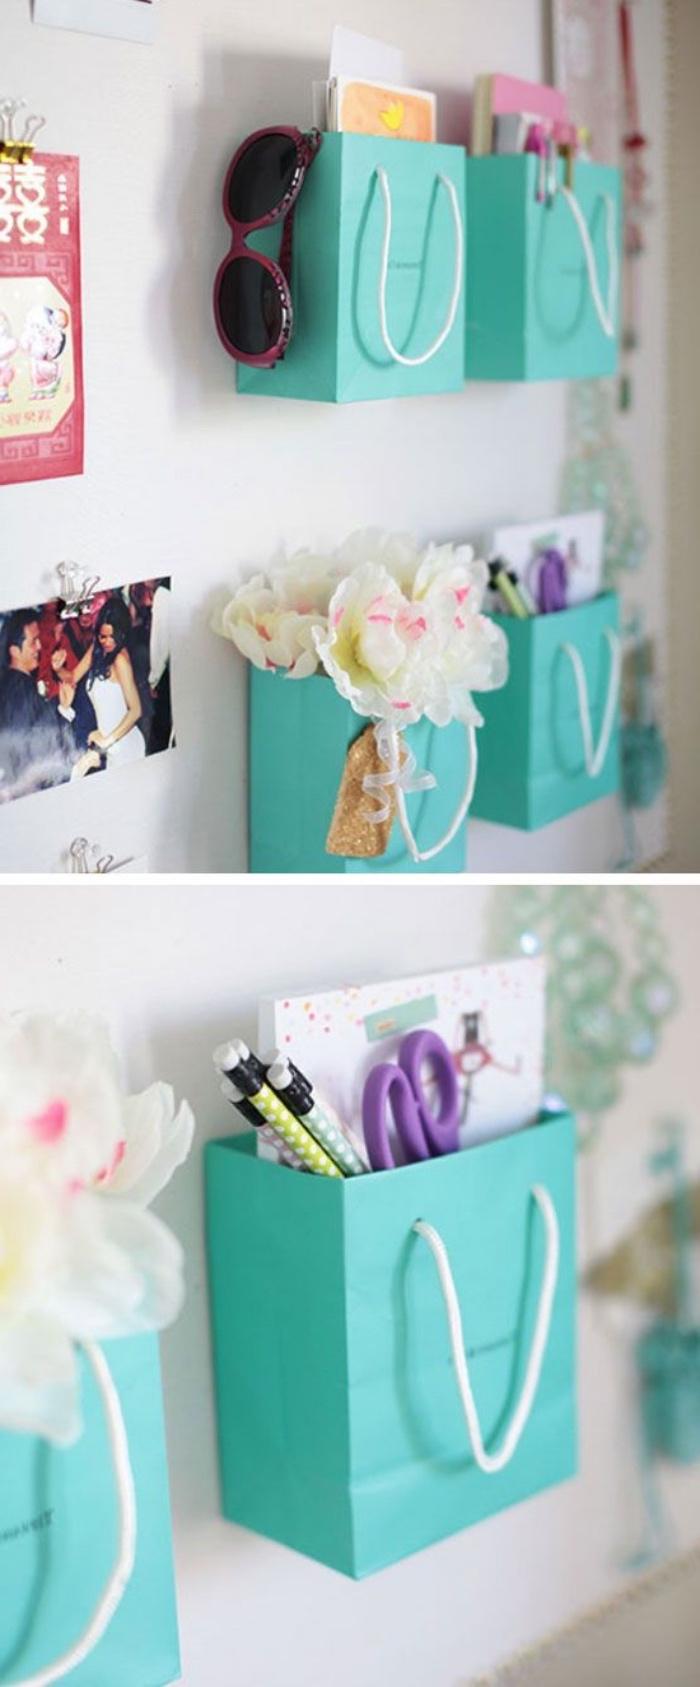 idée rangement faicle, des sac en papier bleu, fixés au mur, rangement fournitures bureau, petites decorations, deo chambre ado diy